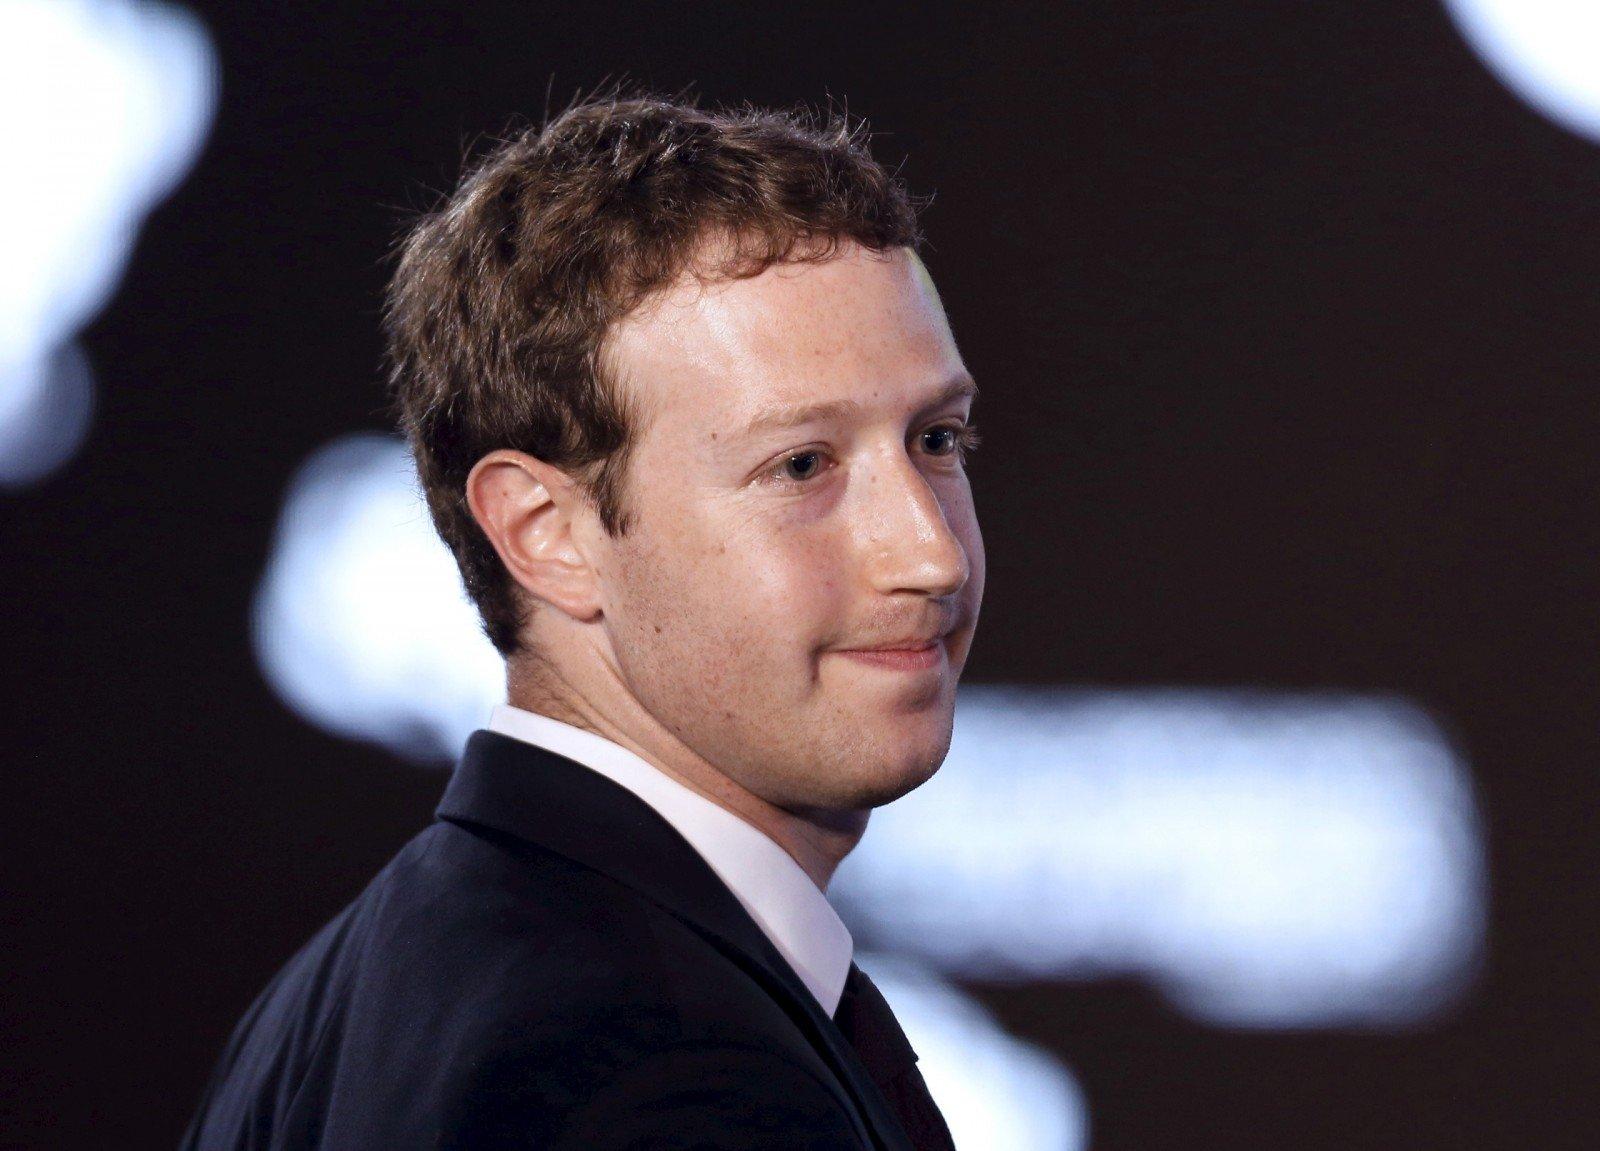 ВГермании завели уголовное дело на основоположника фейсбук Марка Цукерберга